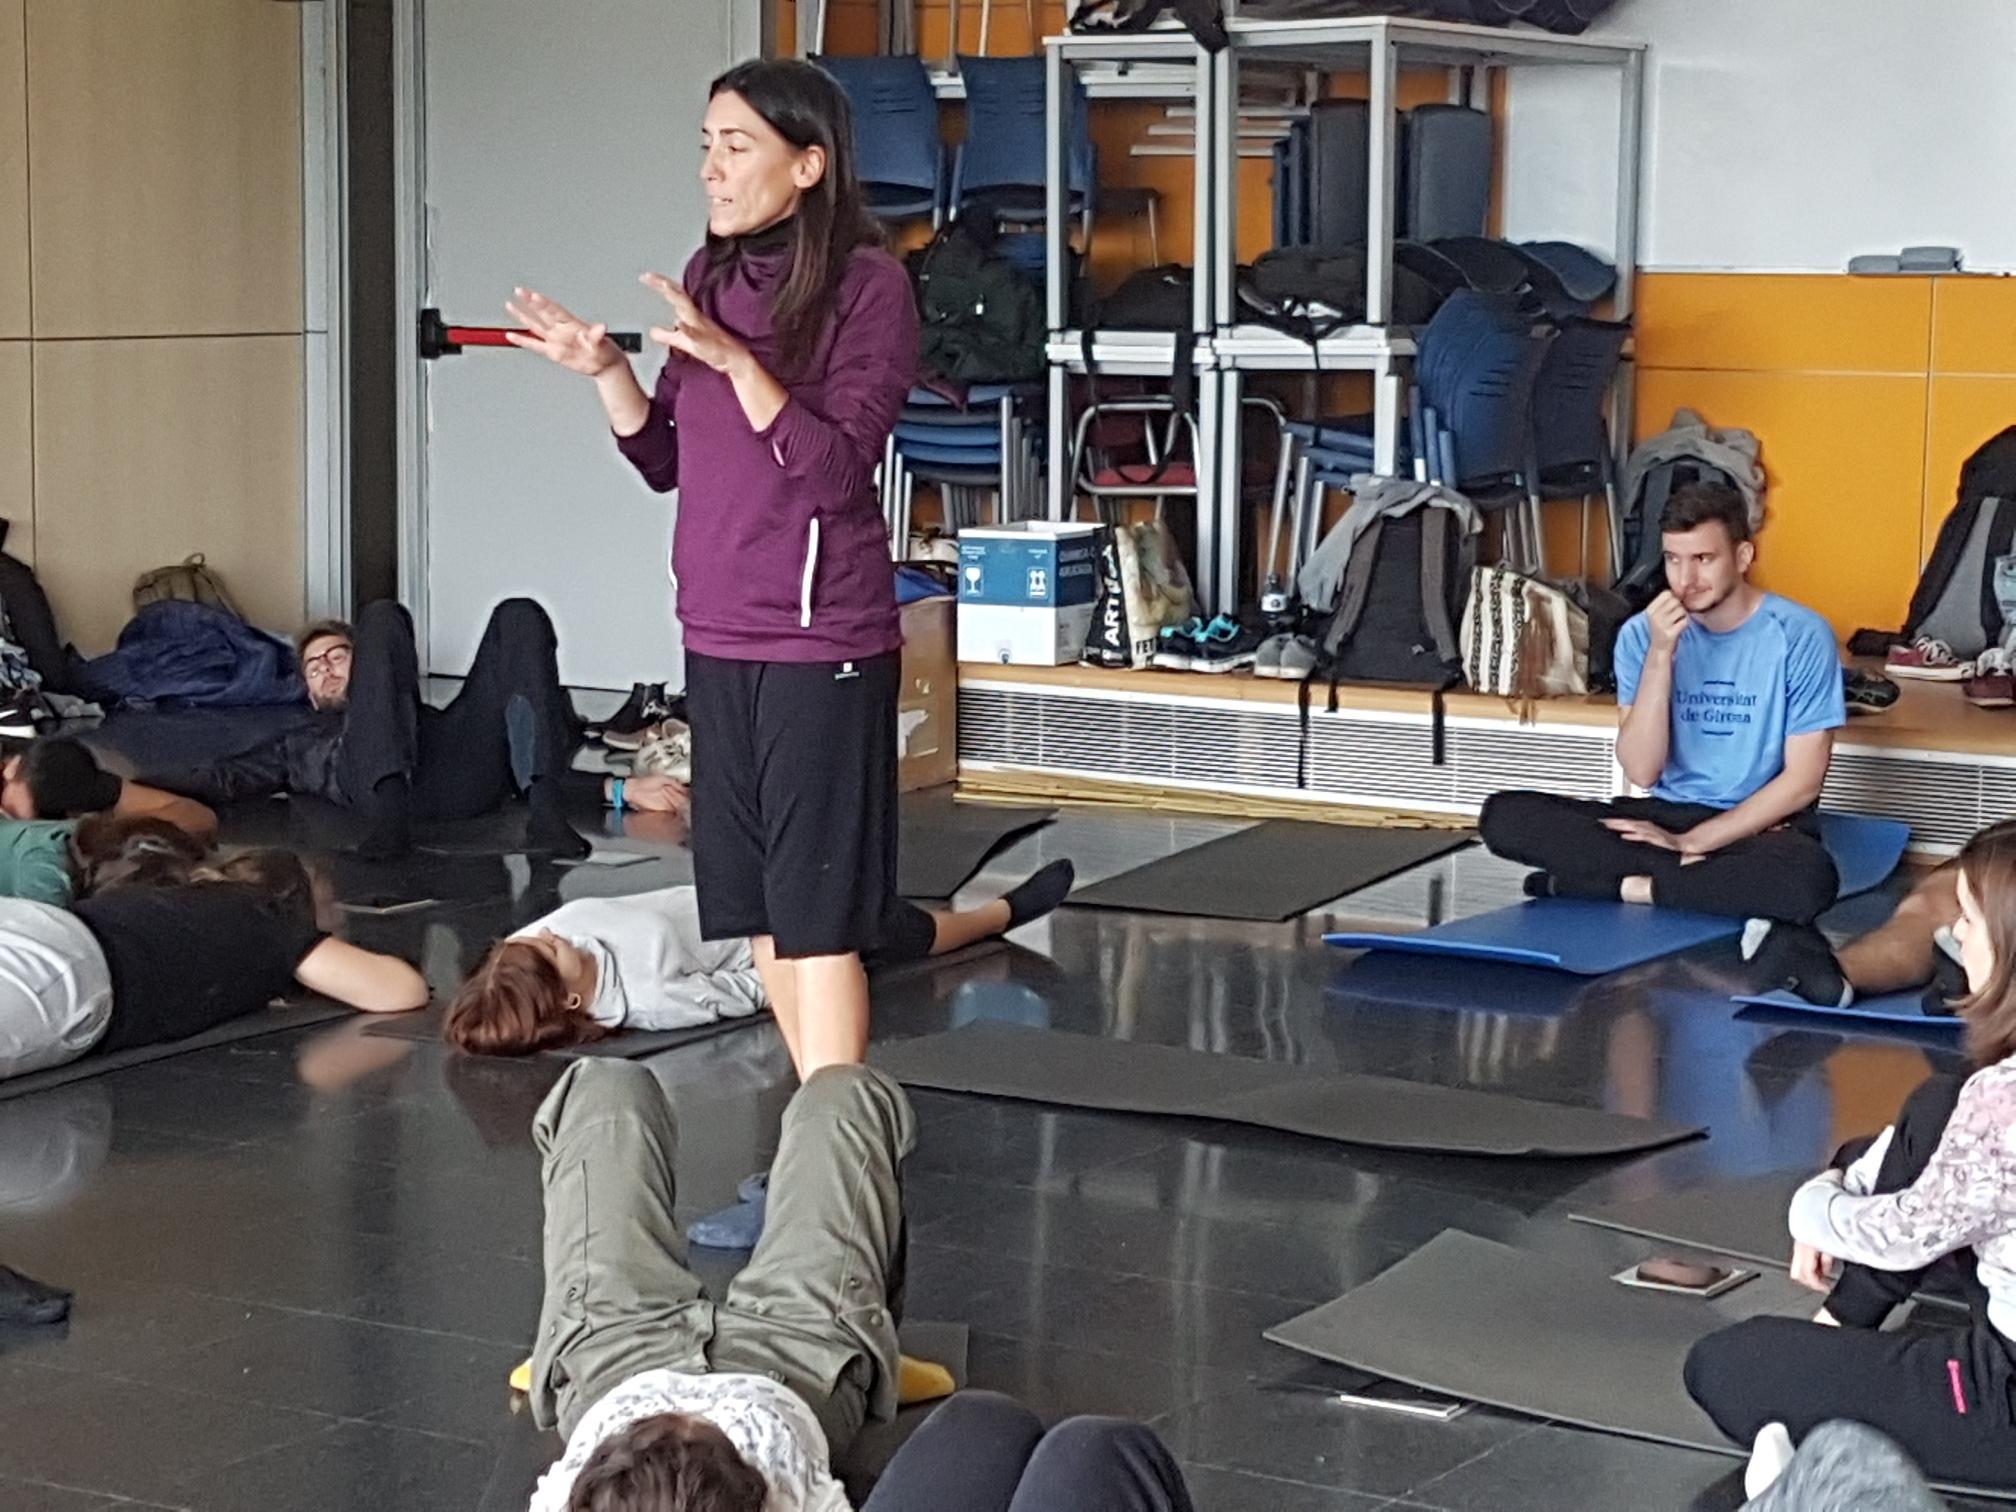 Taller pràctic sobre la percepció corporal i sensitiva per part de la Dra. Glòria Rovira, professora de CAFE, als alumnes de 4t de fisioteràpia